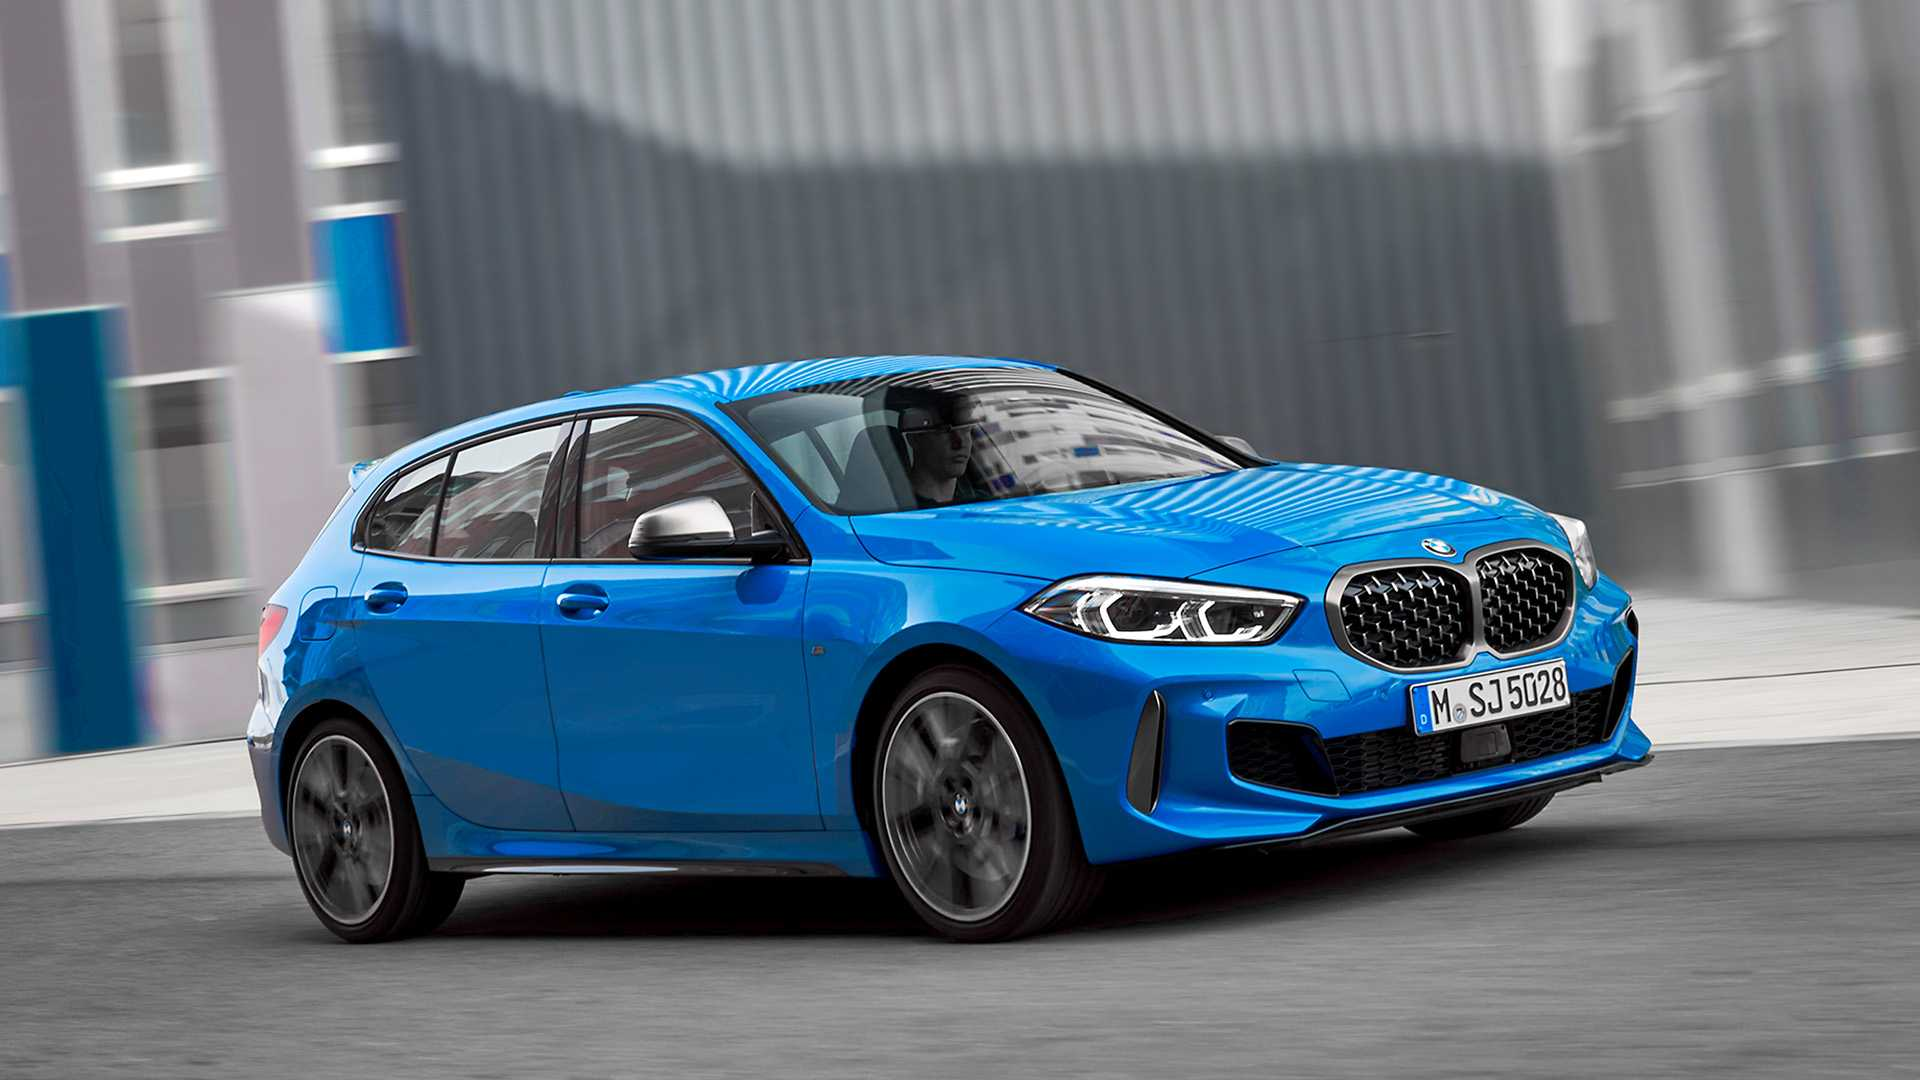 BMW 1 Series thế hệ mới, chiếc hatchback cỡ nhỏ chất không kém đàn anh X2 9